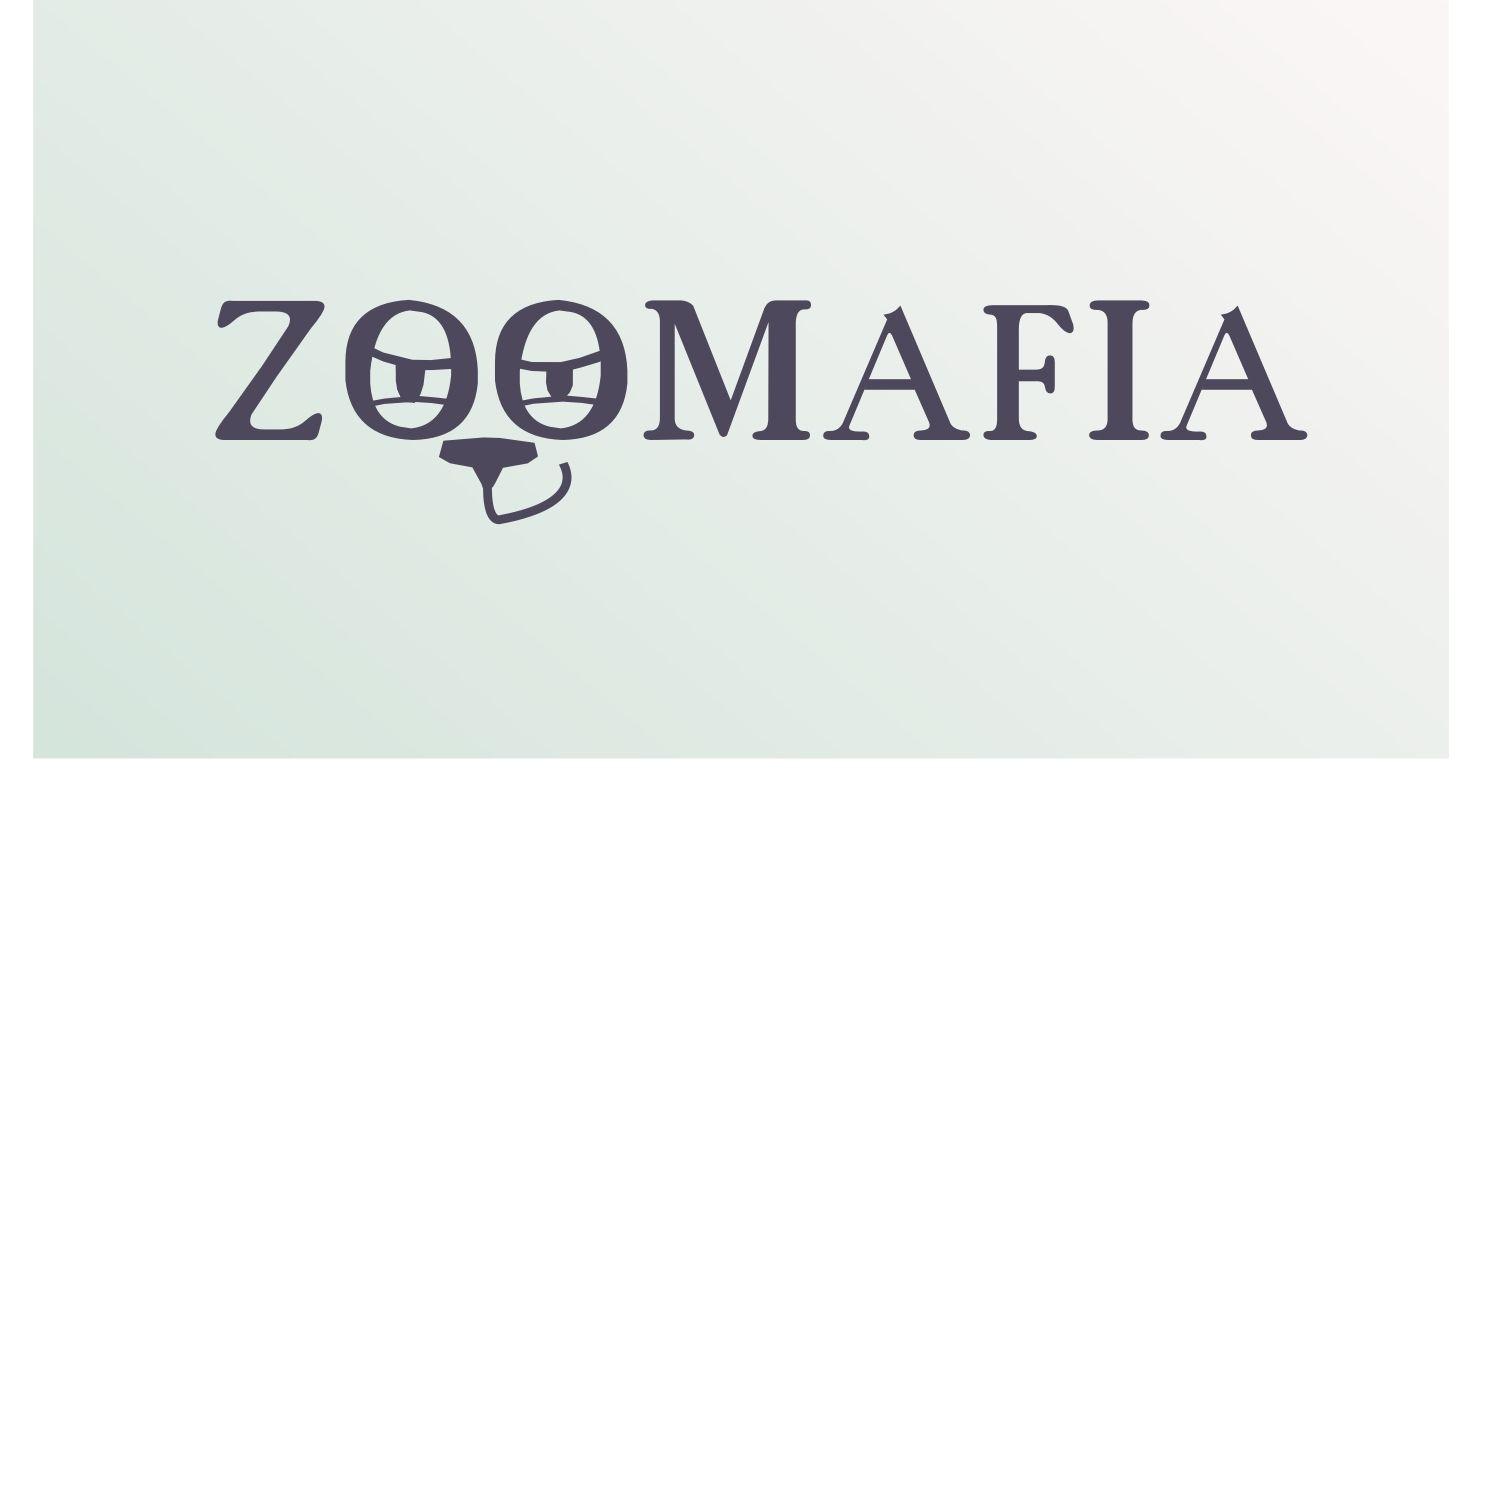 Логотип для интернет магазина зоотоваров - дизайнер samneu